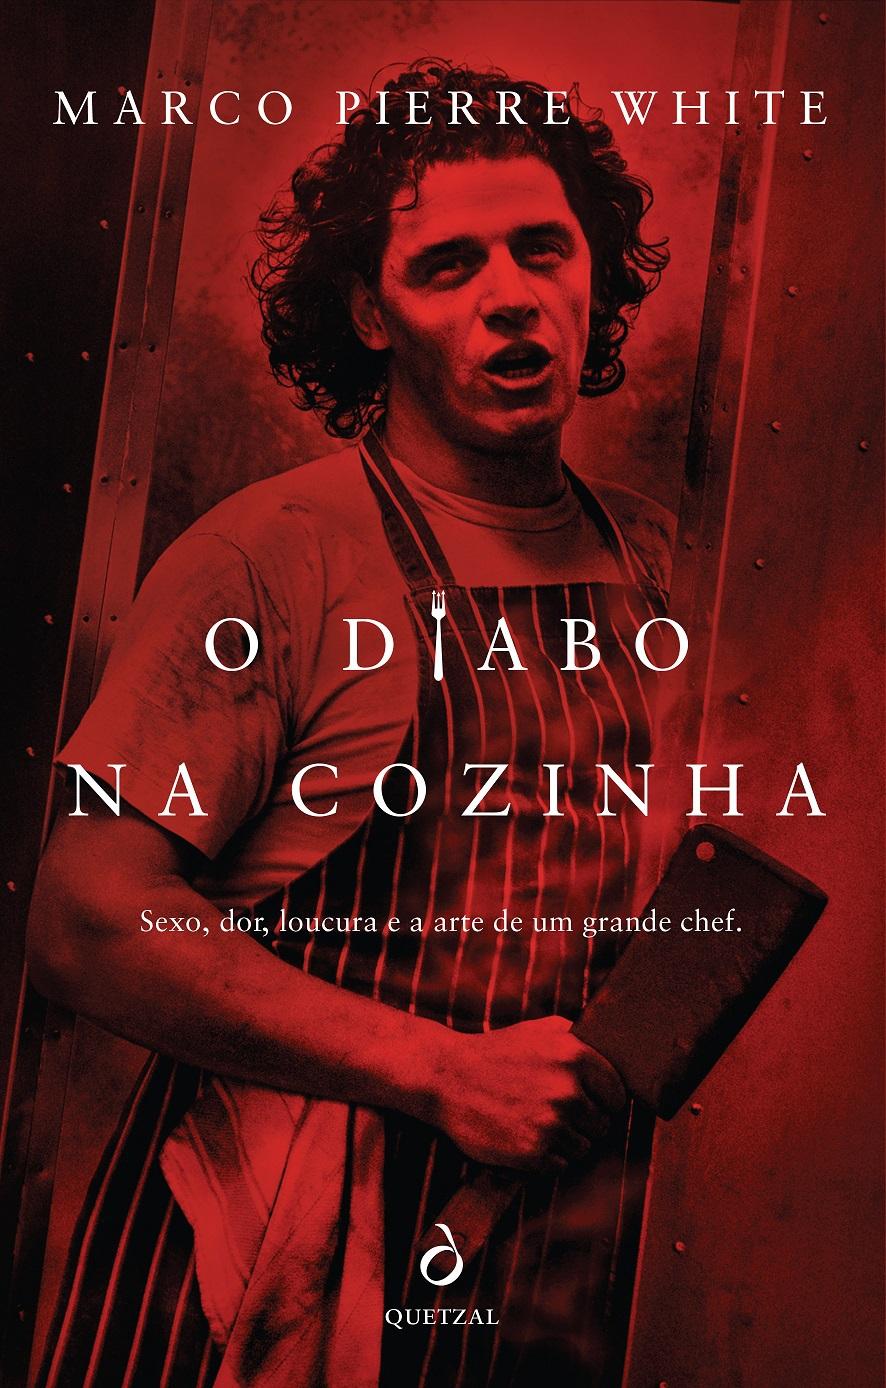 Livro: âO Diabo na Cozinhaâ chega com sexo, dor, loucura e arte